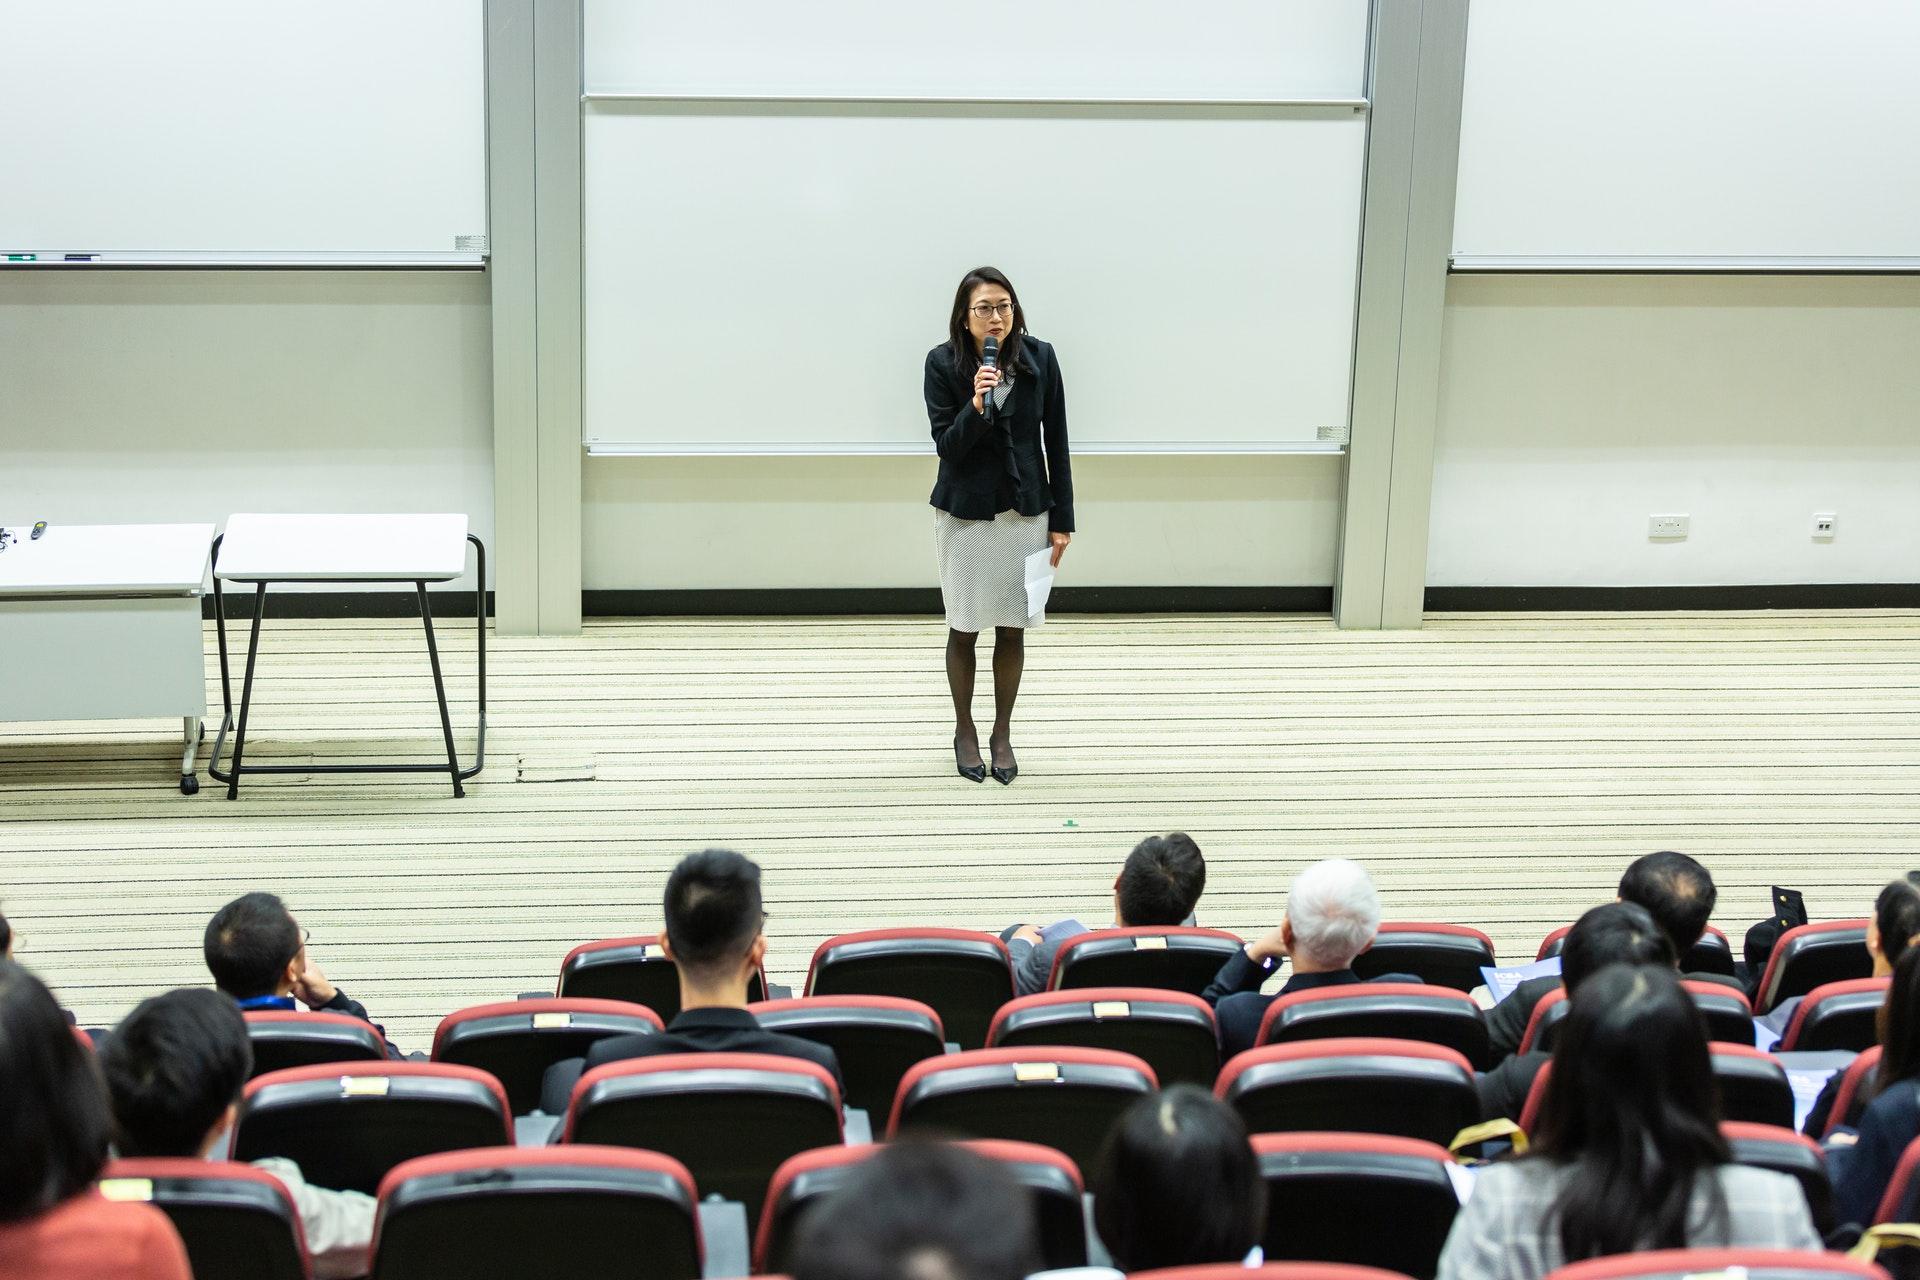 Las 4 etapas del aprendizaje que todo instructor debe conocer